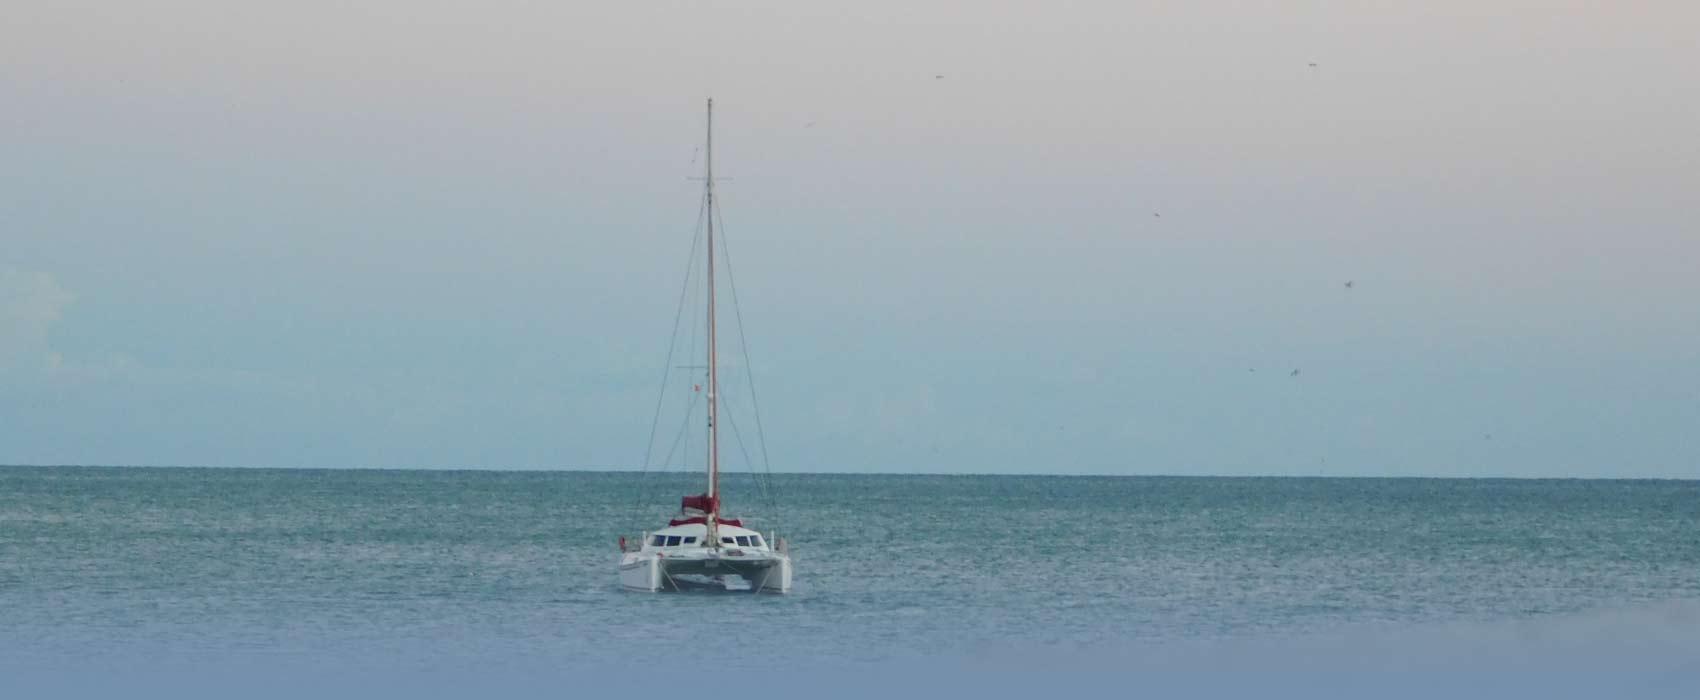 Mit einer Yacht auf dem Mittelmeer